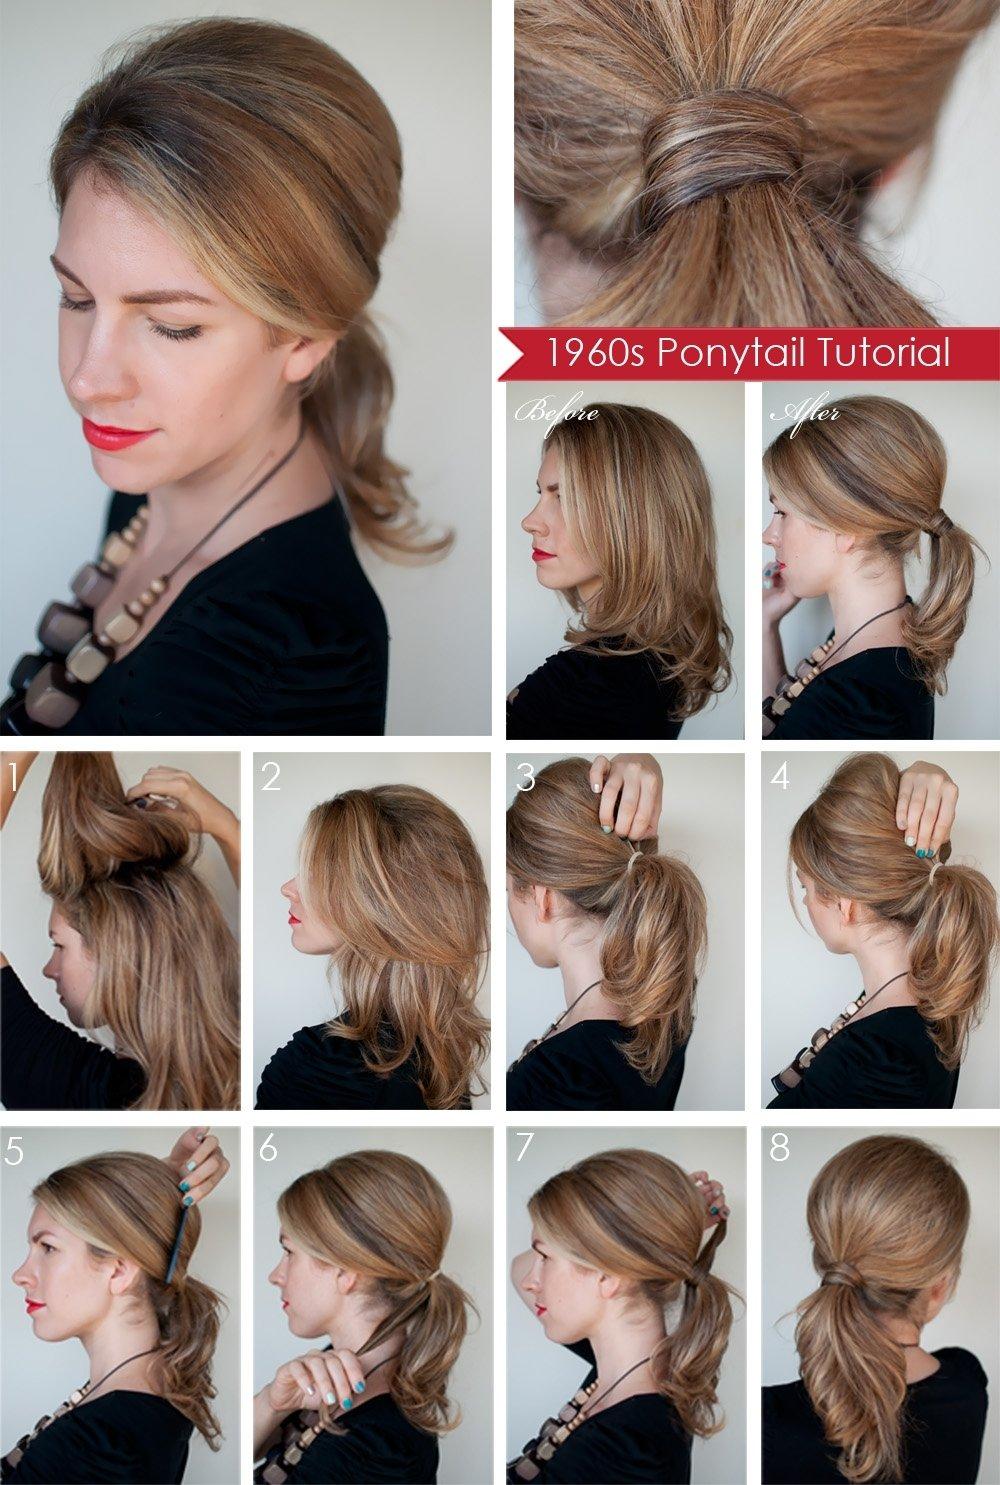 10 Unique Ponytail Ideas For Short Hair fabulous ponytail hairstyles for short hair 80 ideas with ponytail 2021